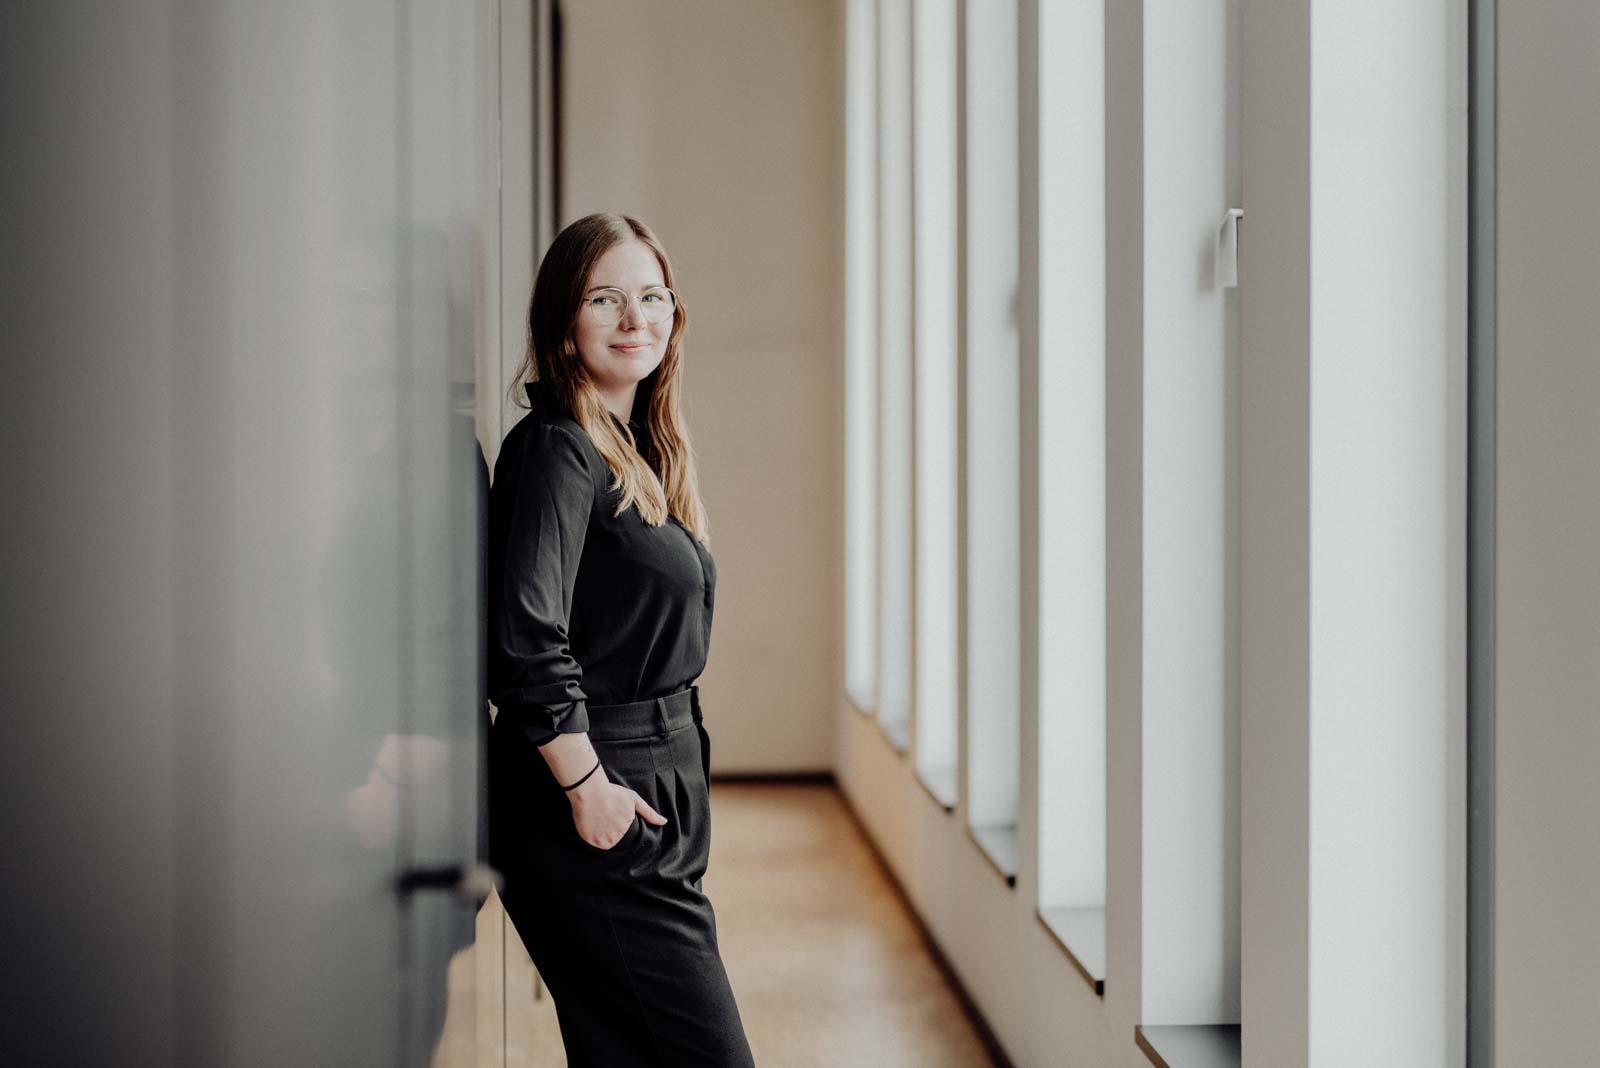 Natürliches Businessportrait und Mitarbeiterfoto Architektin Dortmund